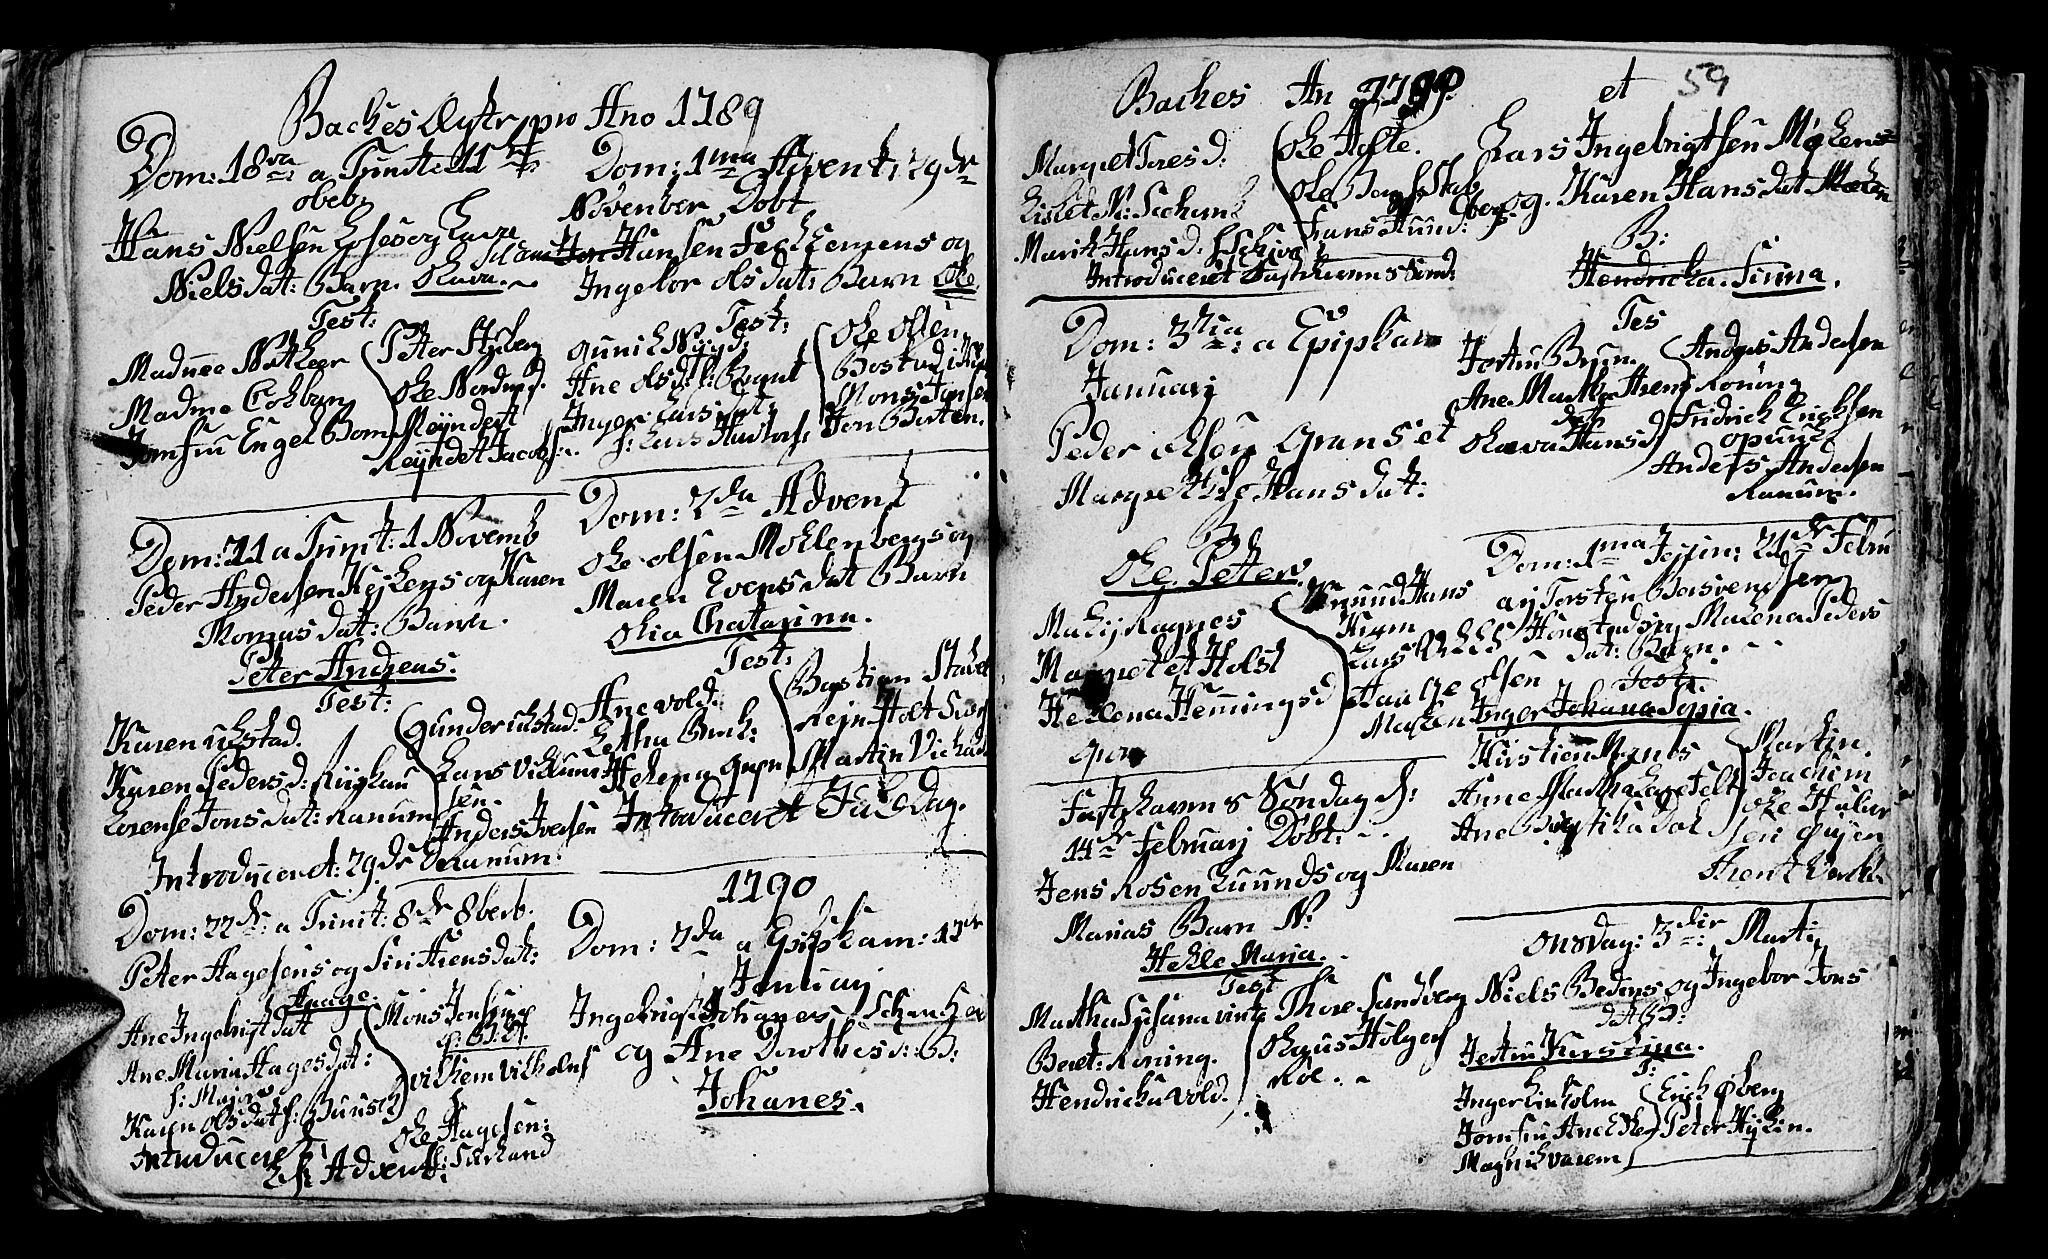 SAT, Ministerialprotokoller, klokkerbøker og fødselsregistre - Sør-Trøndelag, 604/L0218: Klokkerbok nr. 604C01, 1754-1819, s. 59